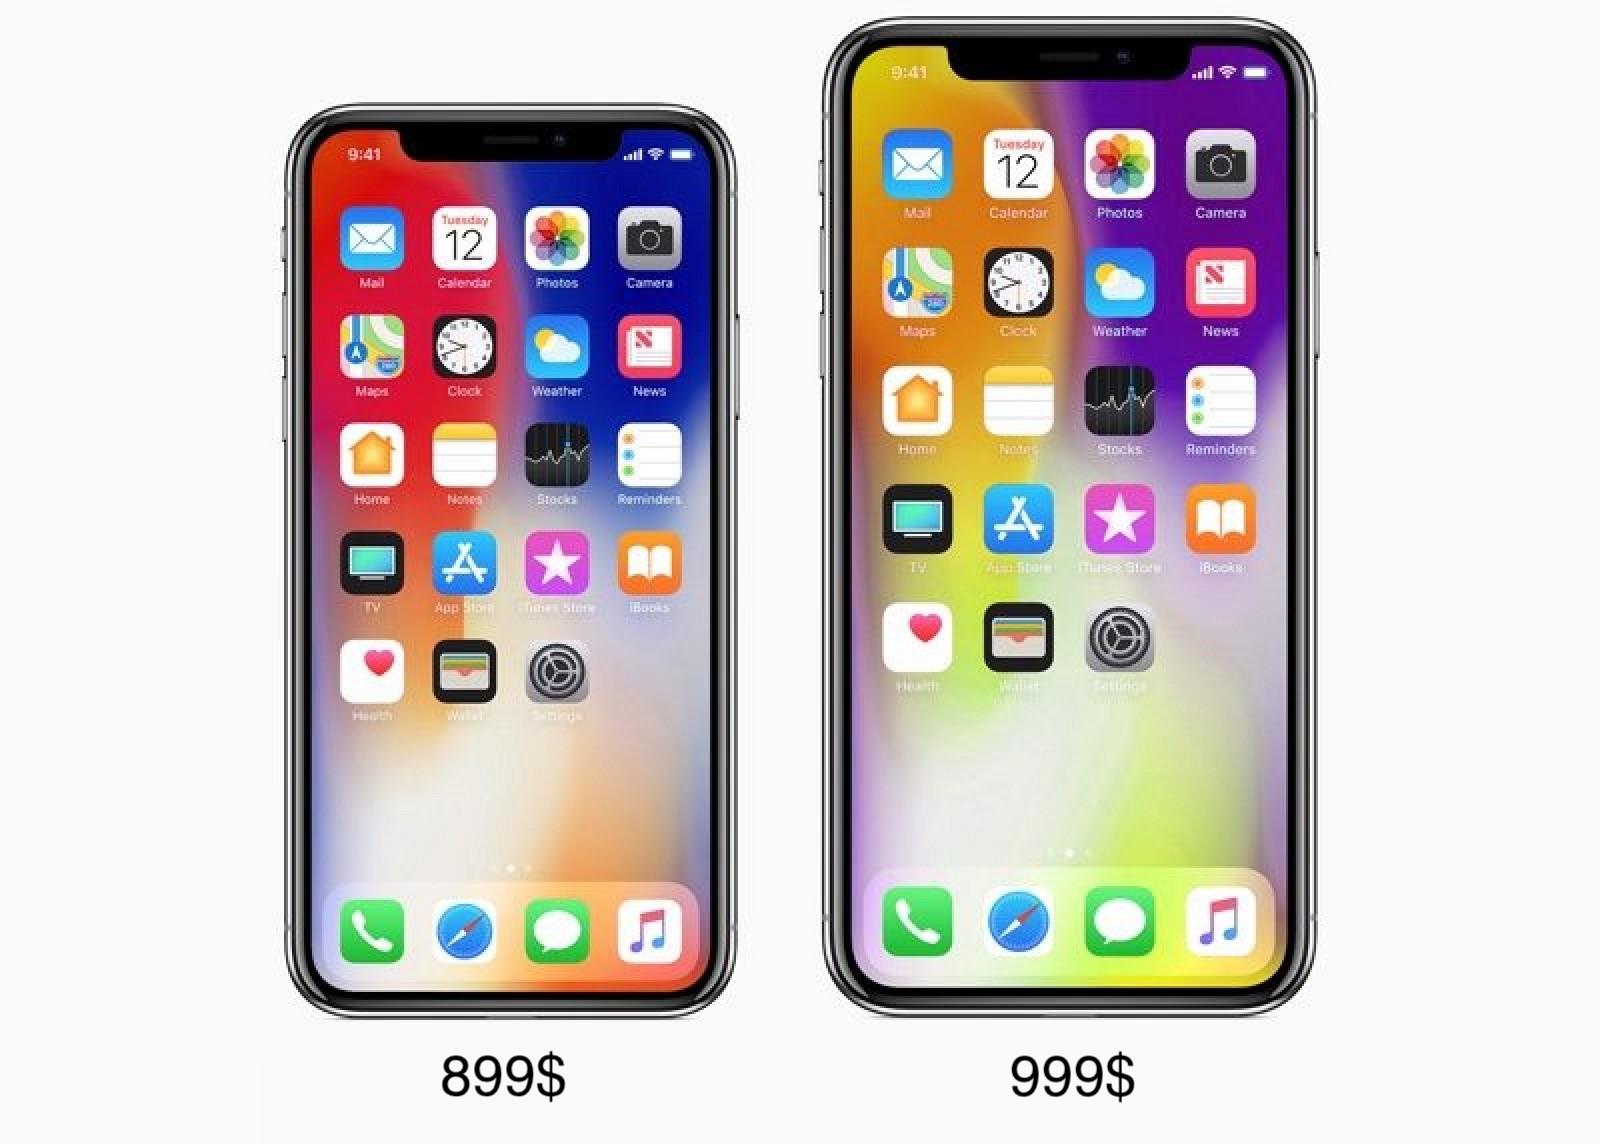 Предположительные цены на iPhone X и iPhone X Plus